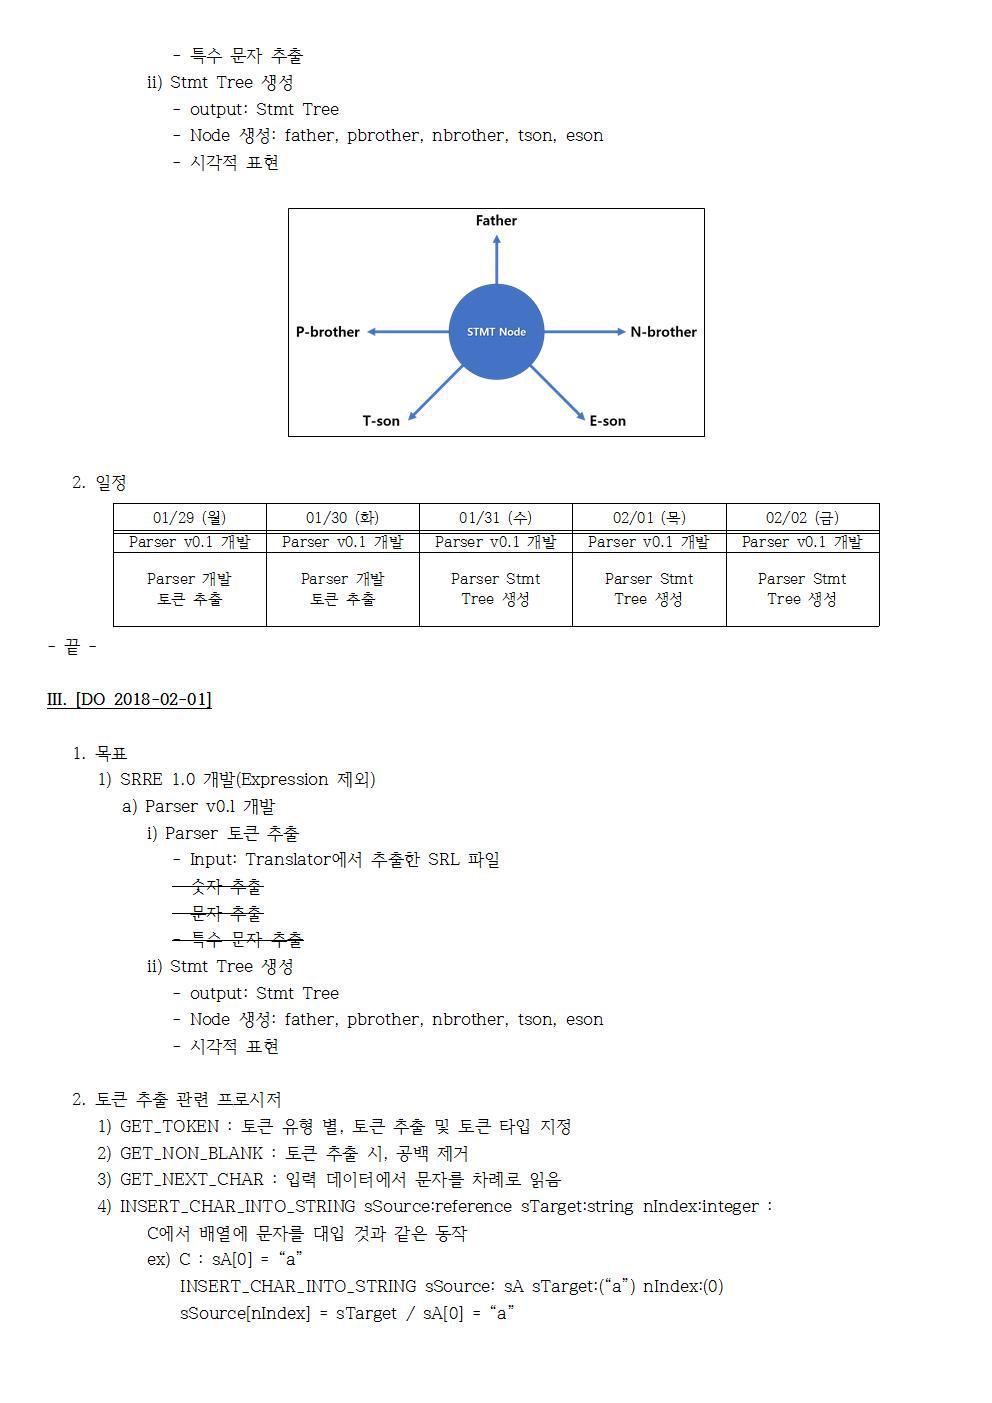 D-[18-003-RD-03]-[SRRE]-[2018-02-02][JS]002.jpg